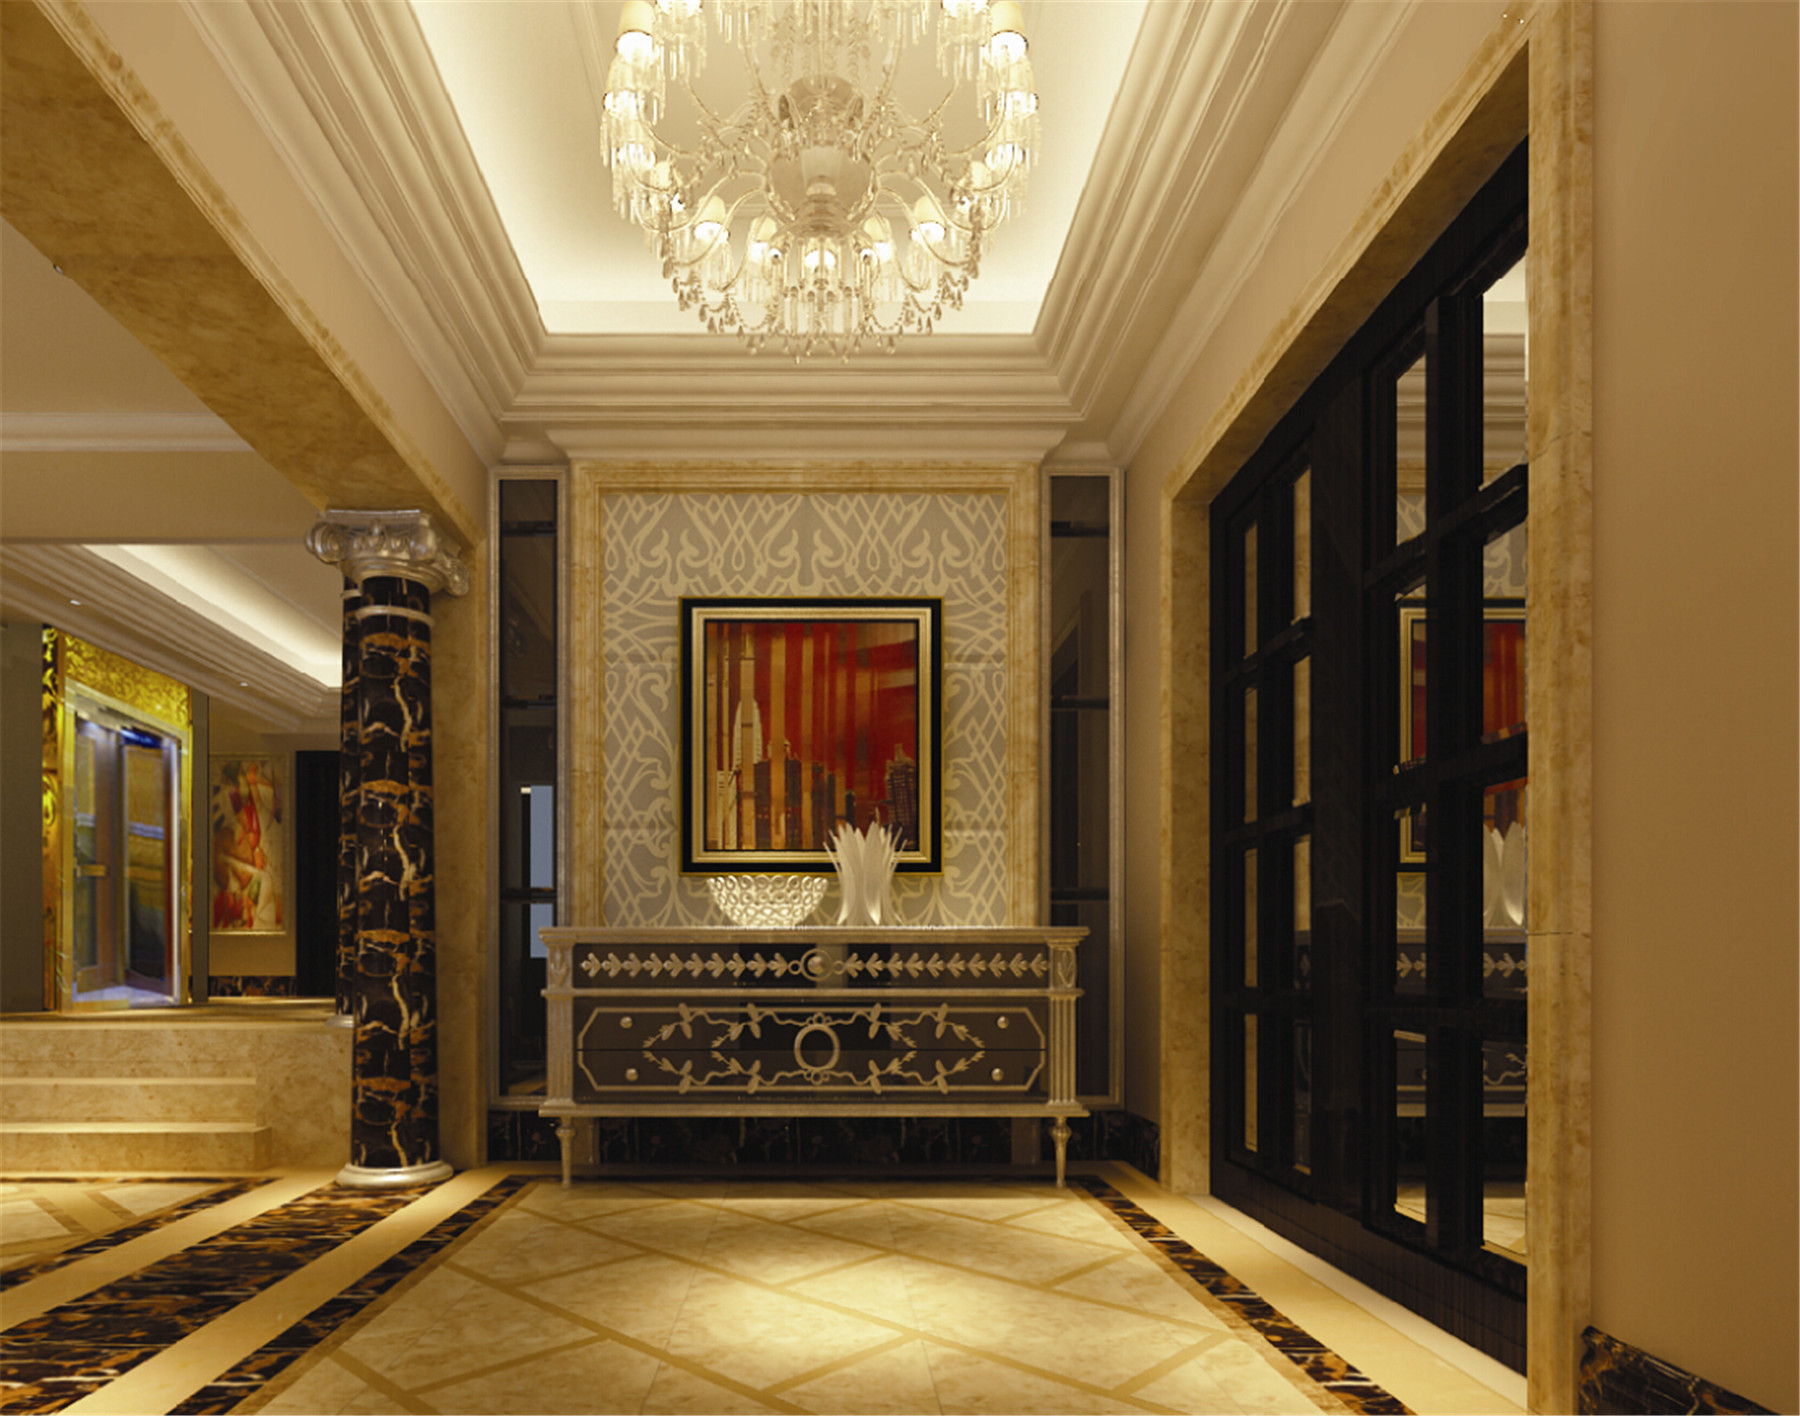 皇都花园 别墅装修 别墅设计 欧式古典 腾龙设计 玄关图片来自腾龙设计在皇都花园别墅装修欧式风格设计的分享